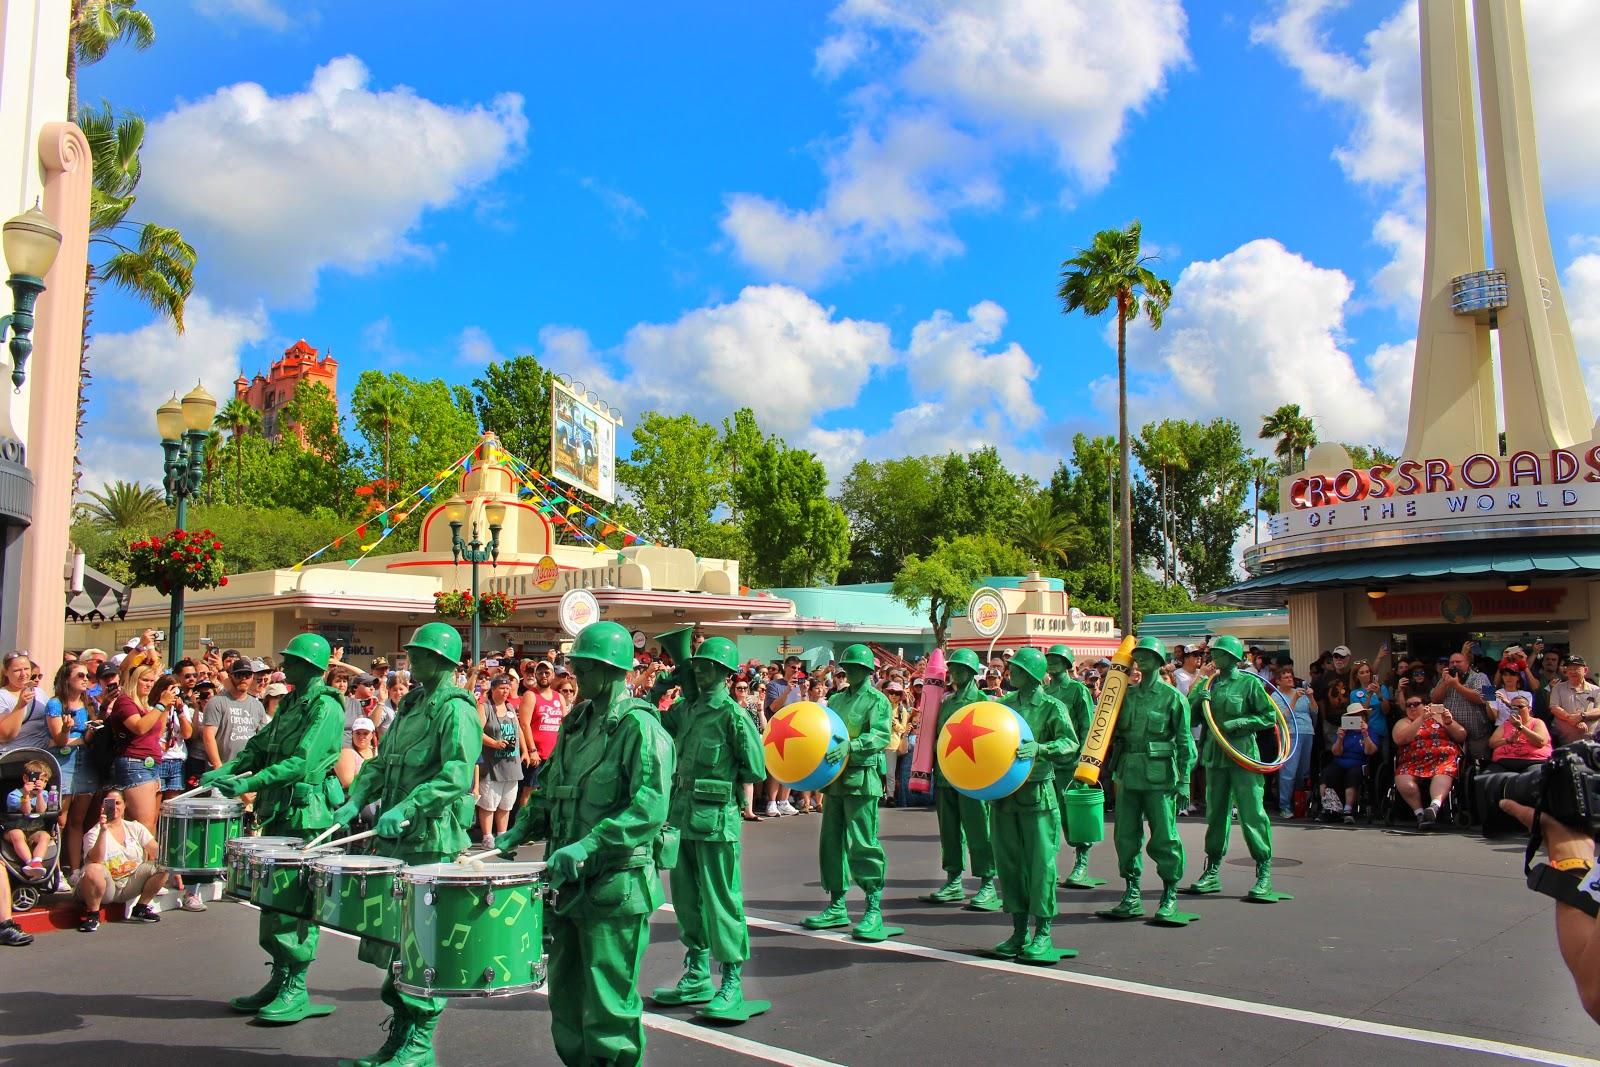 迪士尼的遊行,亦提供身障者專屬區域 |礙的萬物論